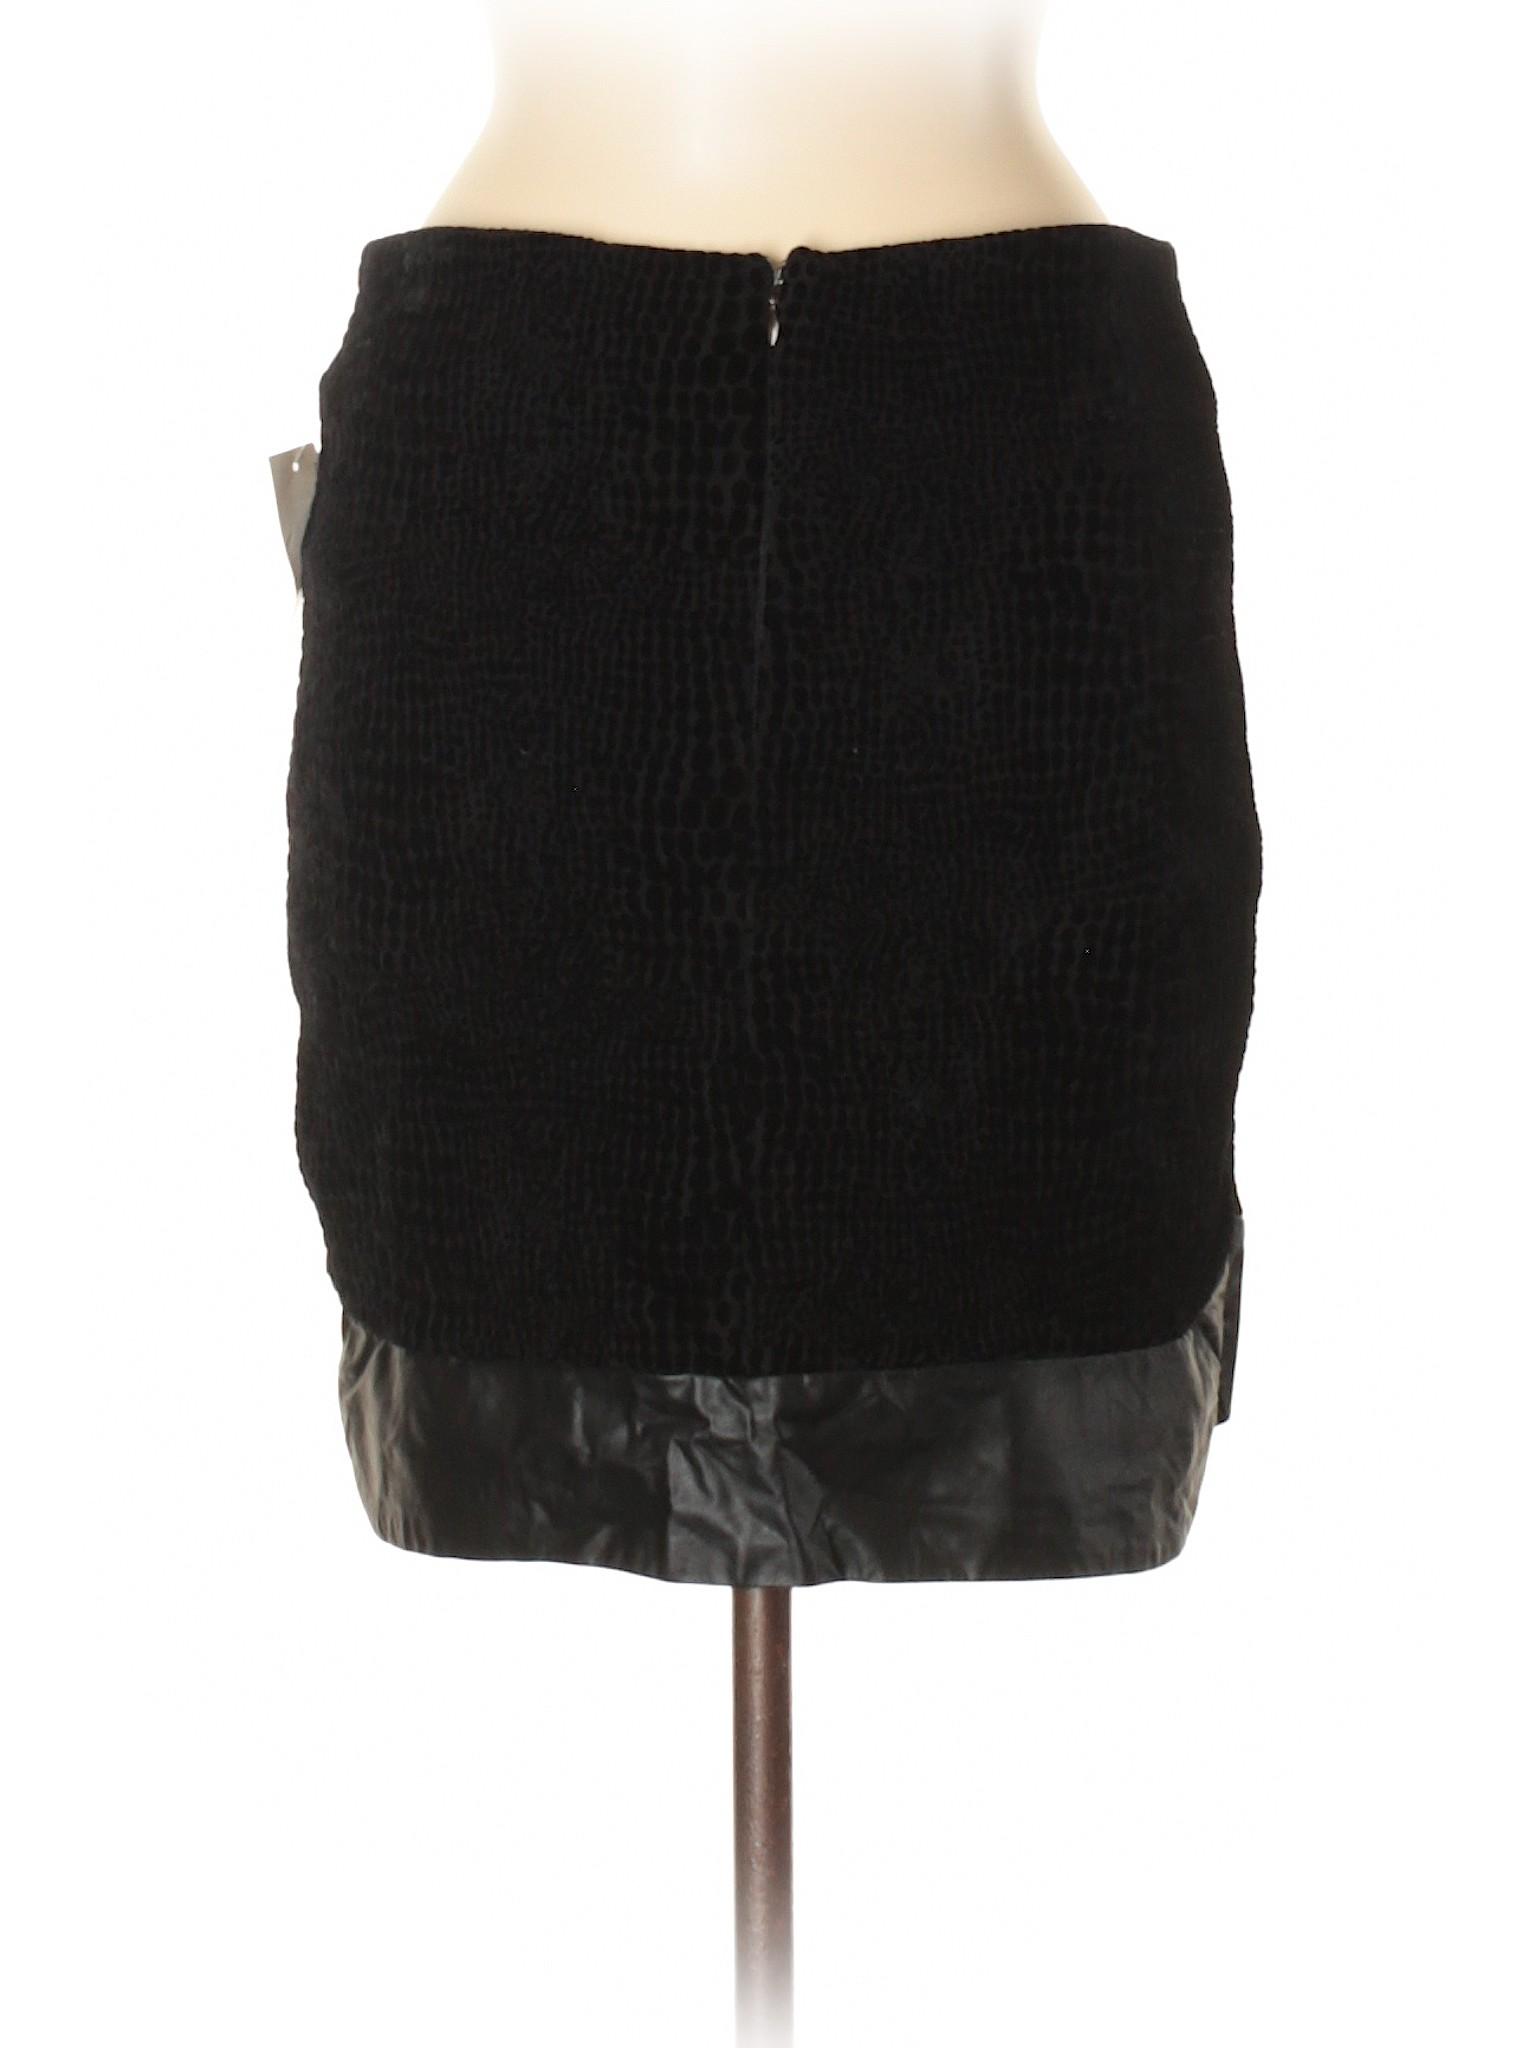 Boutique Skirt Boutique Casual Casual qxXR8fw